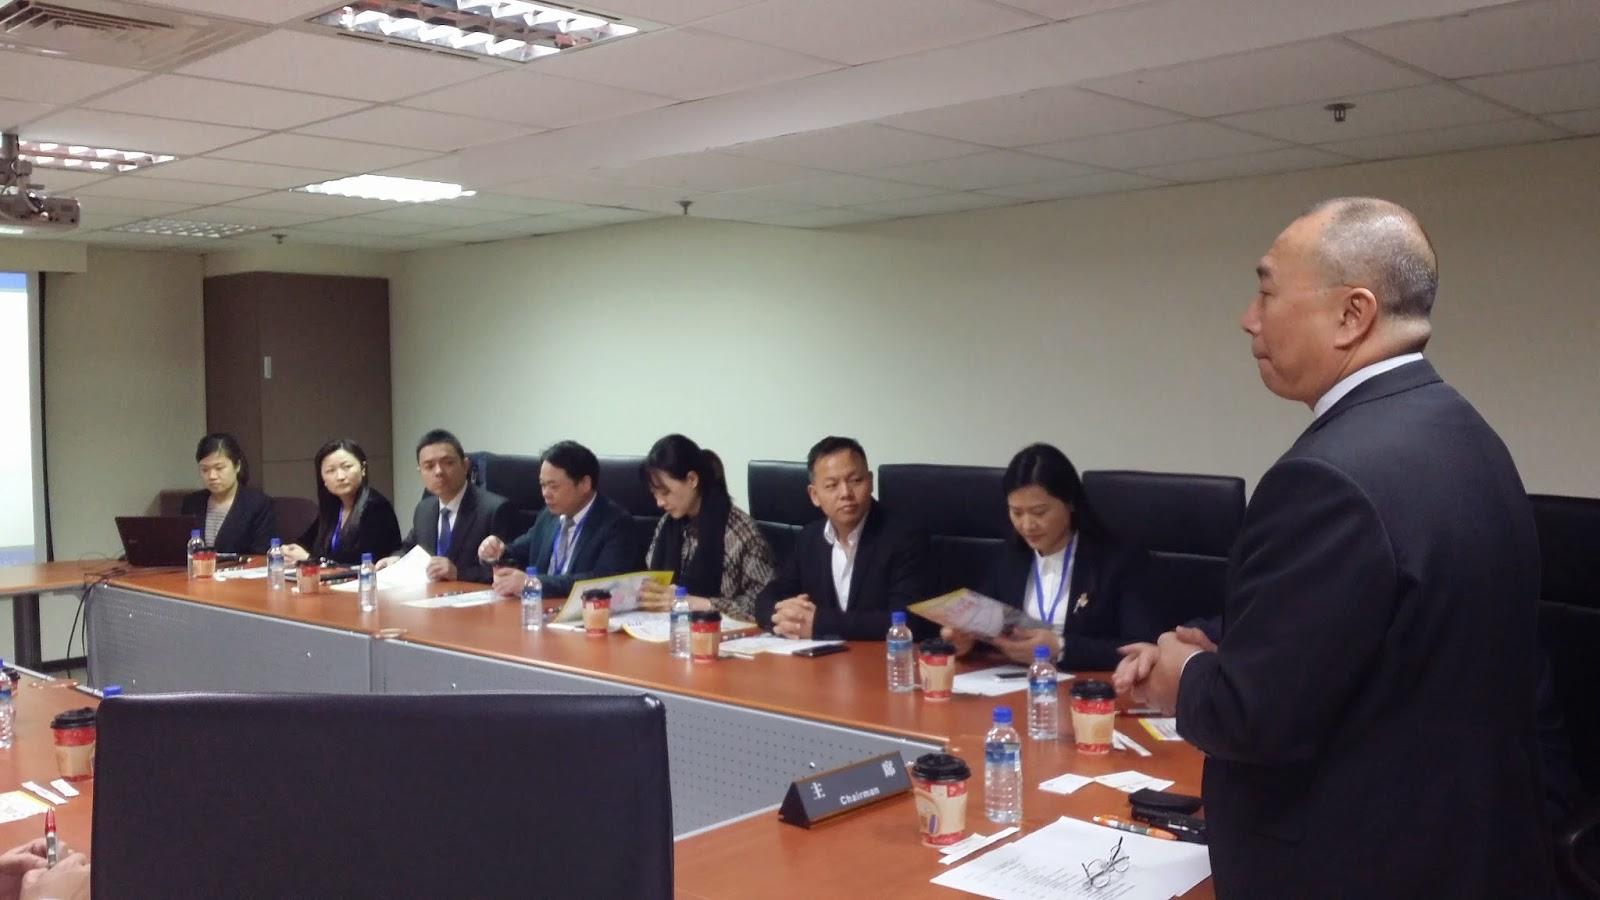 重慶市青年企業家協會訪問團